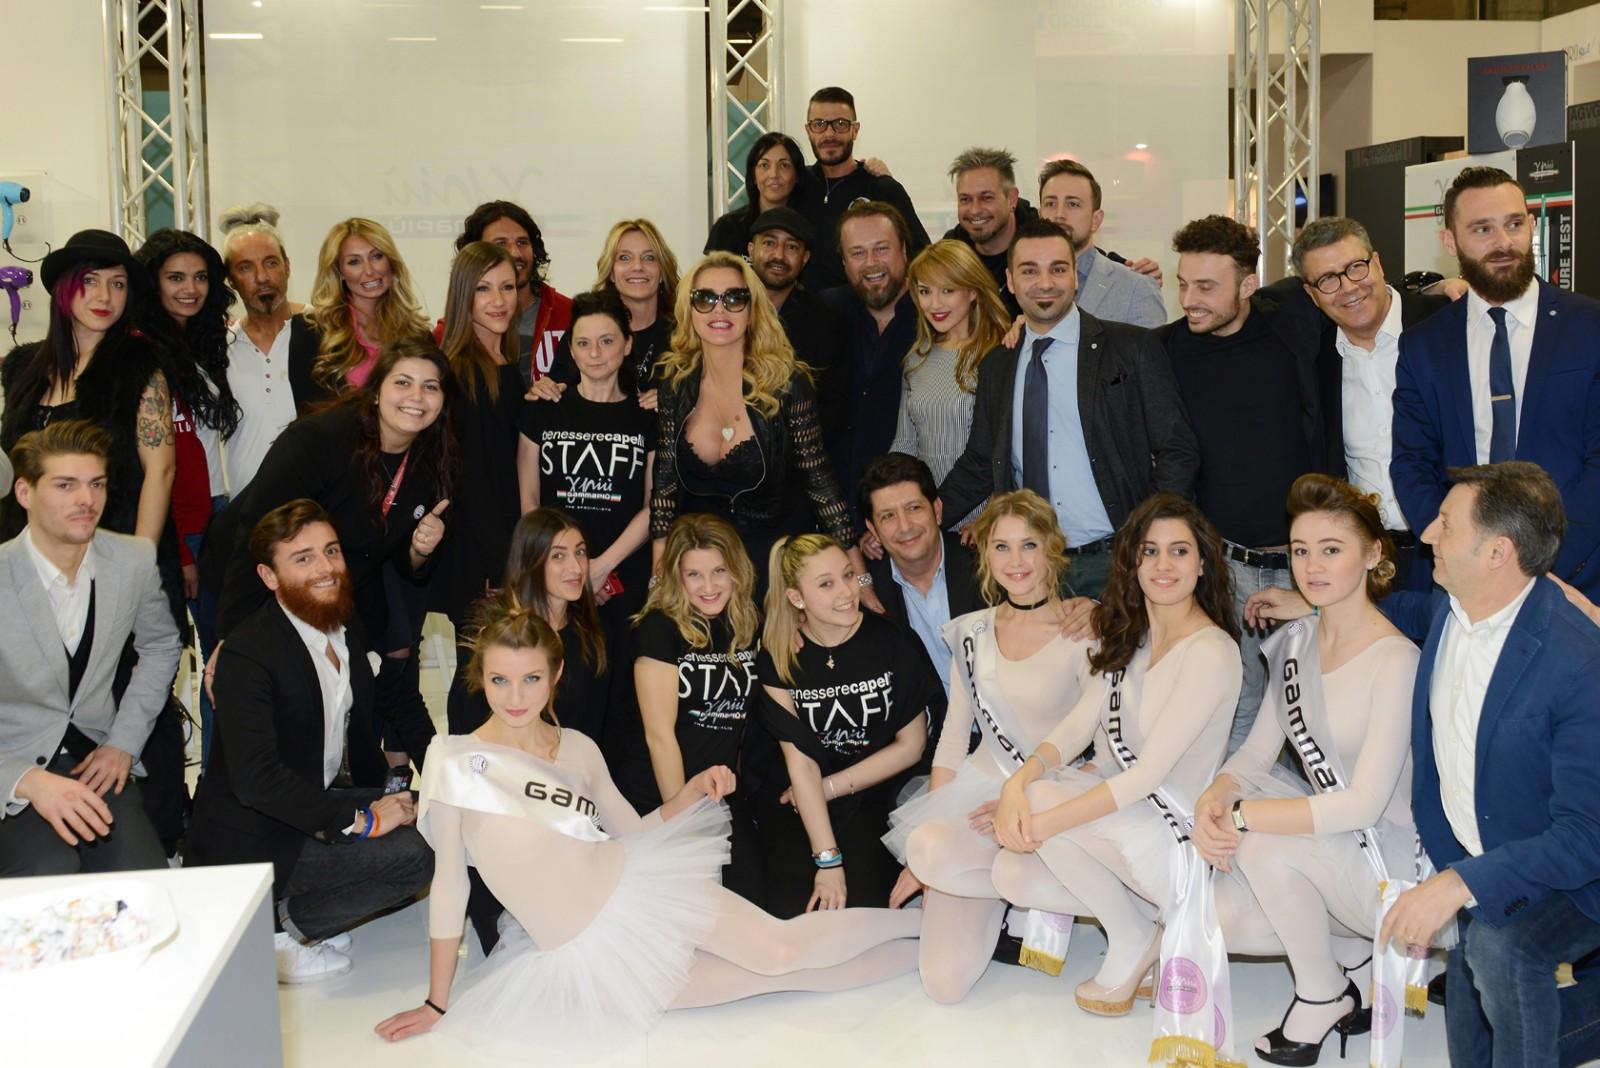 Il team Gamma Più insieme a personaggi dello spettacolo